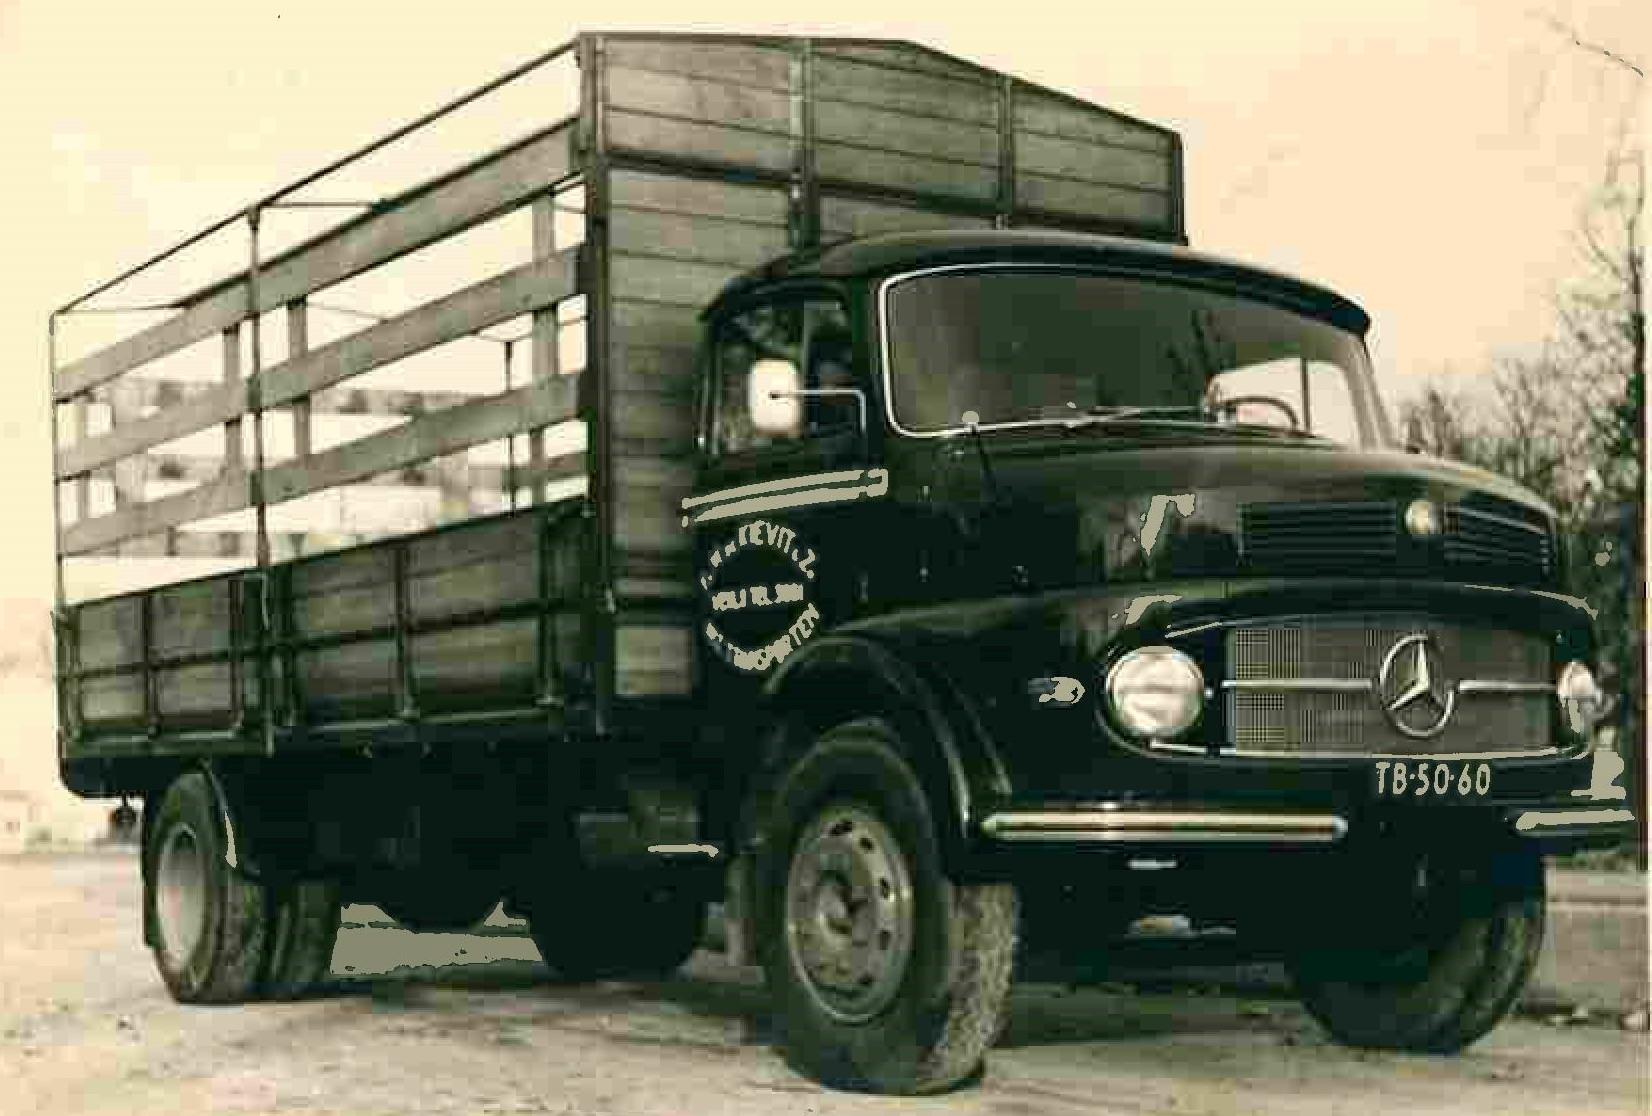 Mercedes---1960--Hiermee-werden-flessen-butagas-en-propaangas-mee-vervoerd-in-de-omgeving-Noord-Limburg--Rene-de-Kievit-foto